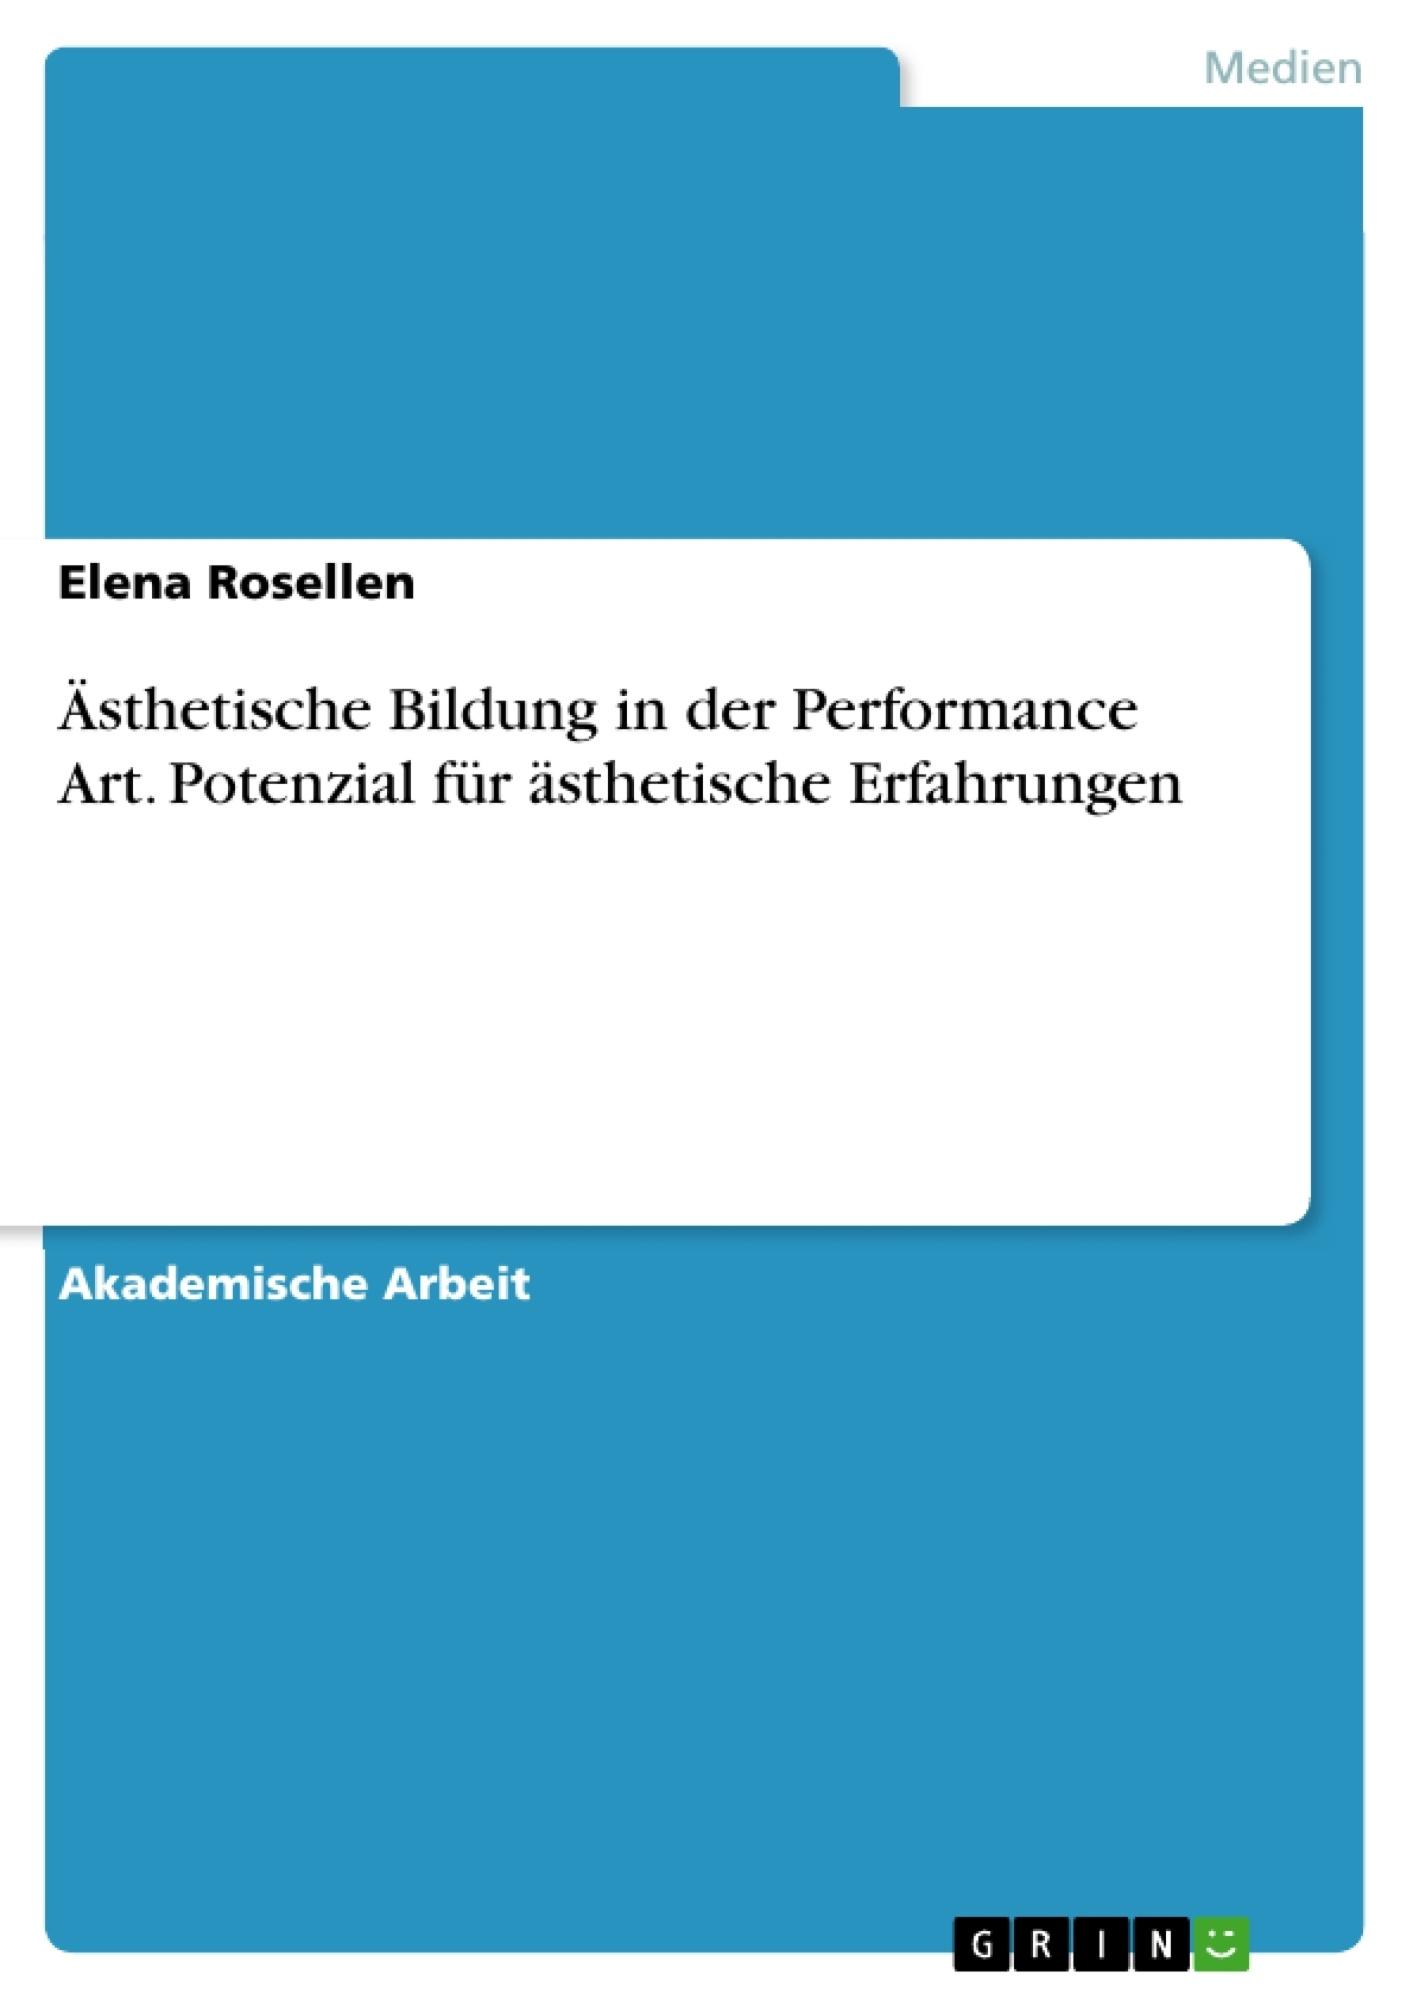 Titel: Ästhetische Bildung in der Performance Art. Potenzial für ästhetische Erfahrungen